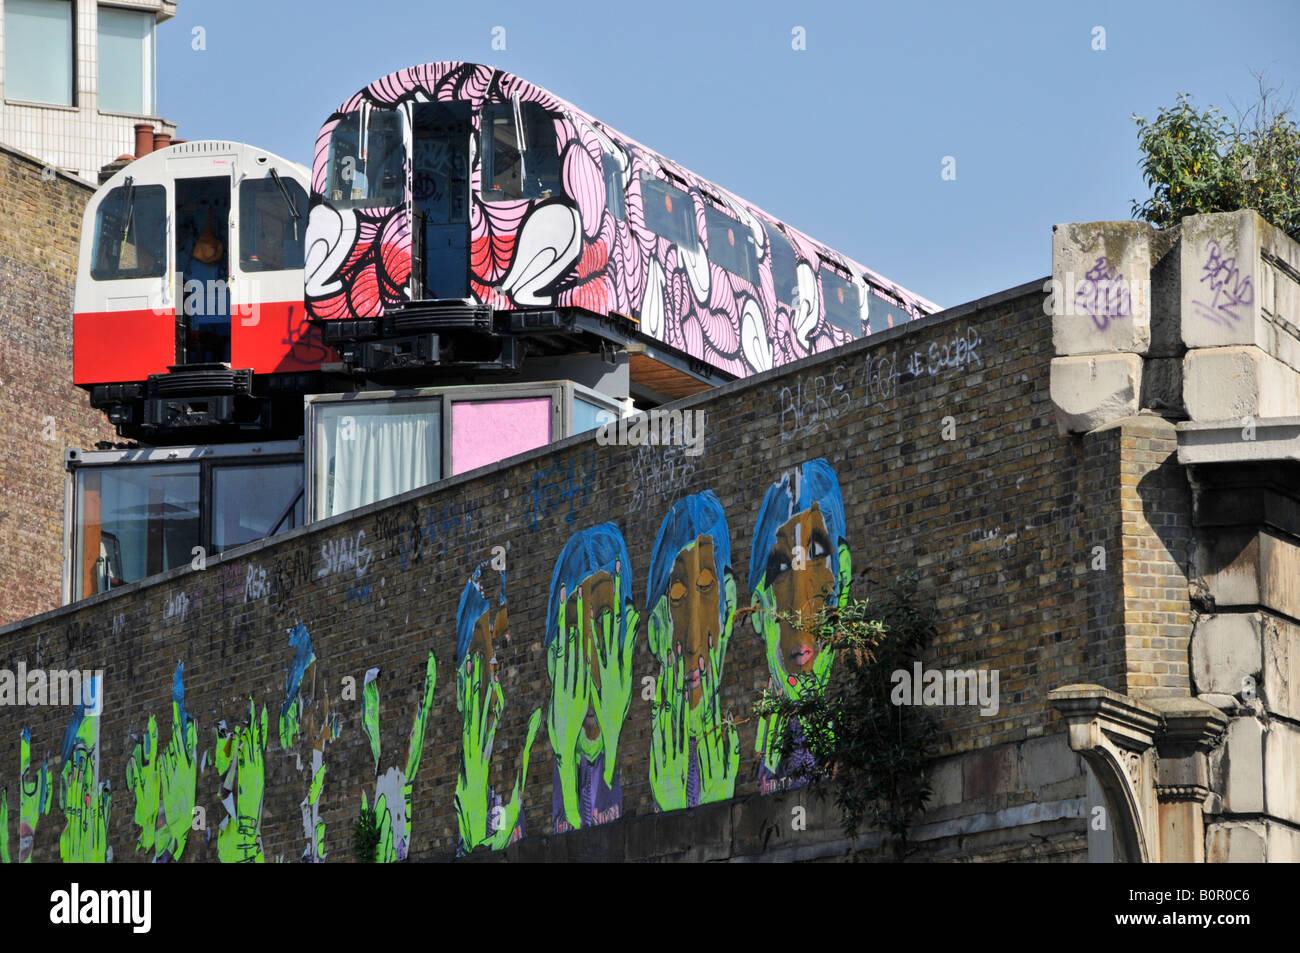 Tube recyclé utilisé comme wagons de train, studios d'artistes au-dessus de l'ancien viaduc de Photo Stock